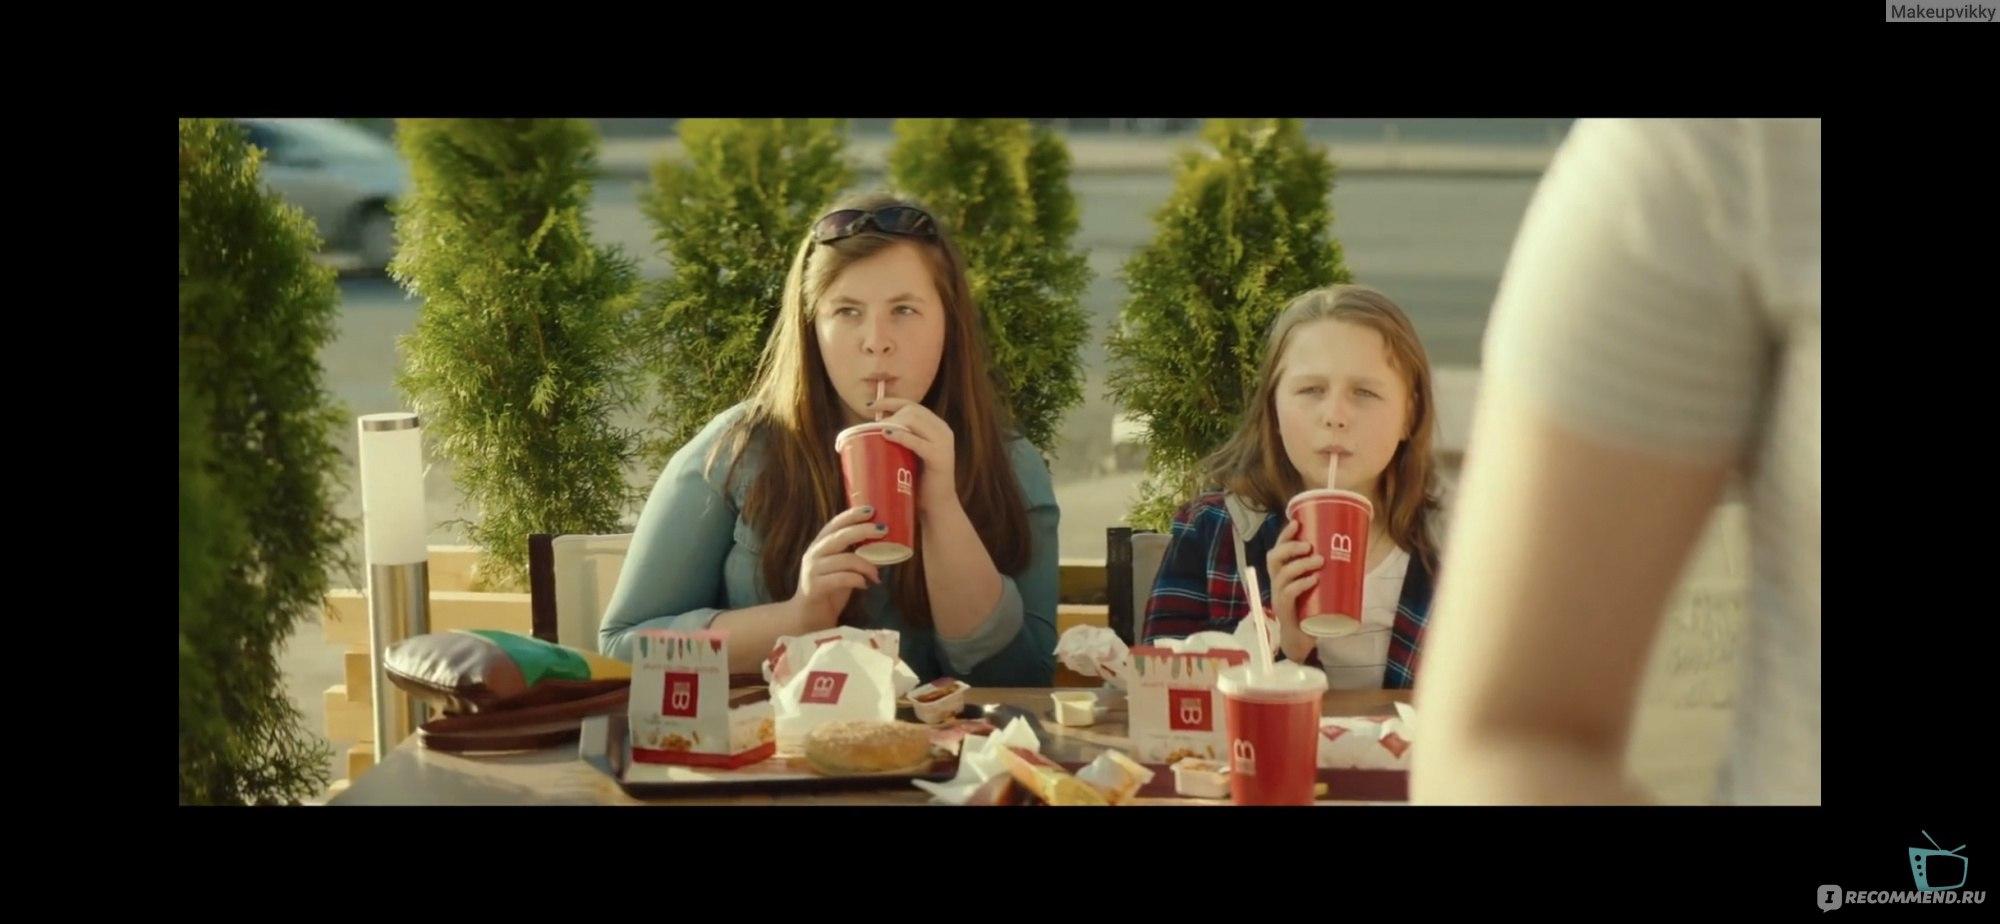 Фильмы Про Похудение Голод. Дополнительная мотивация: ТОП-7 фильмов о похудении и любви к себе